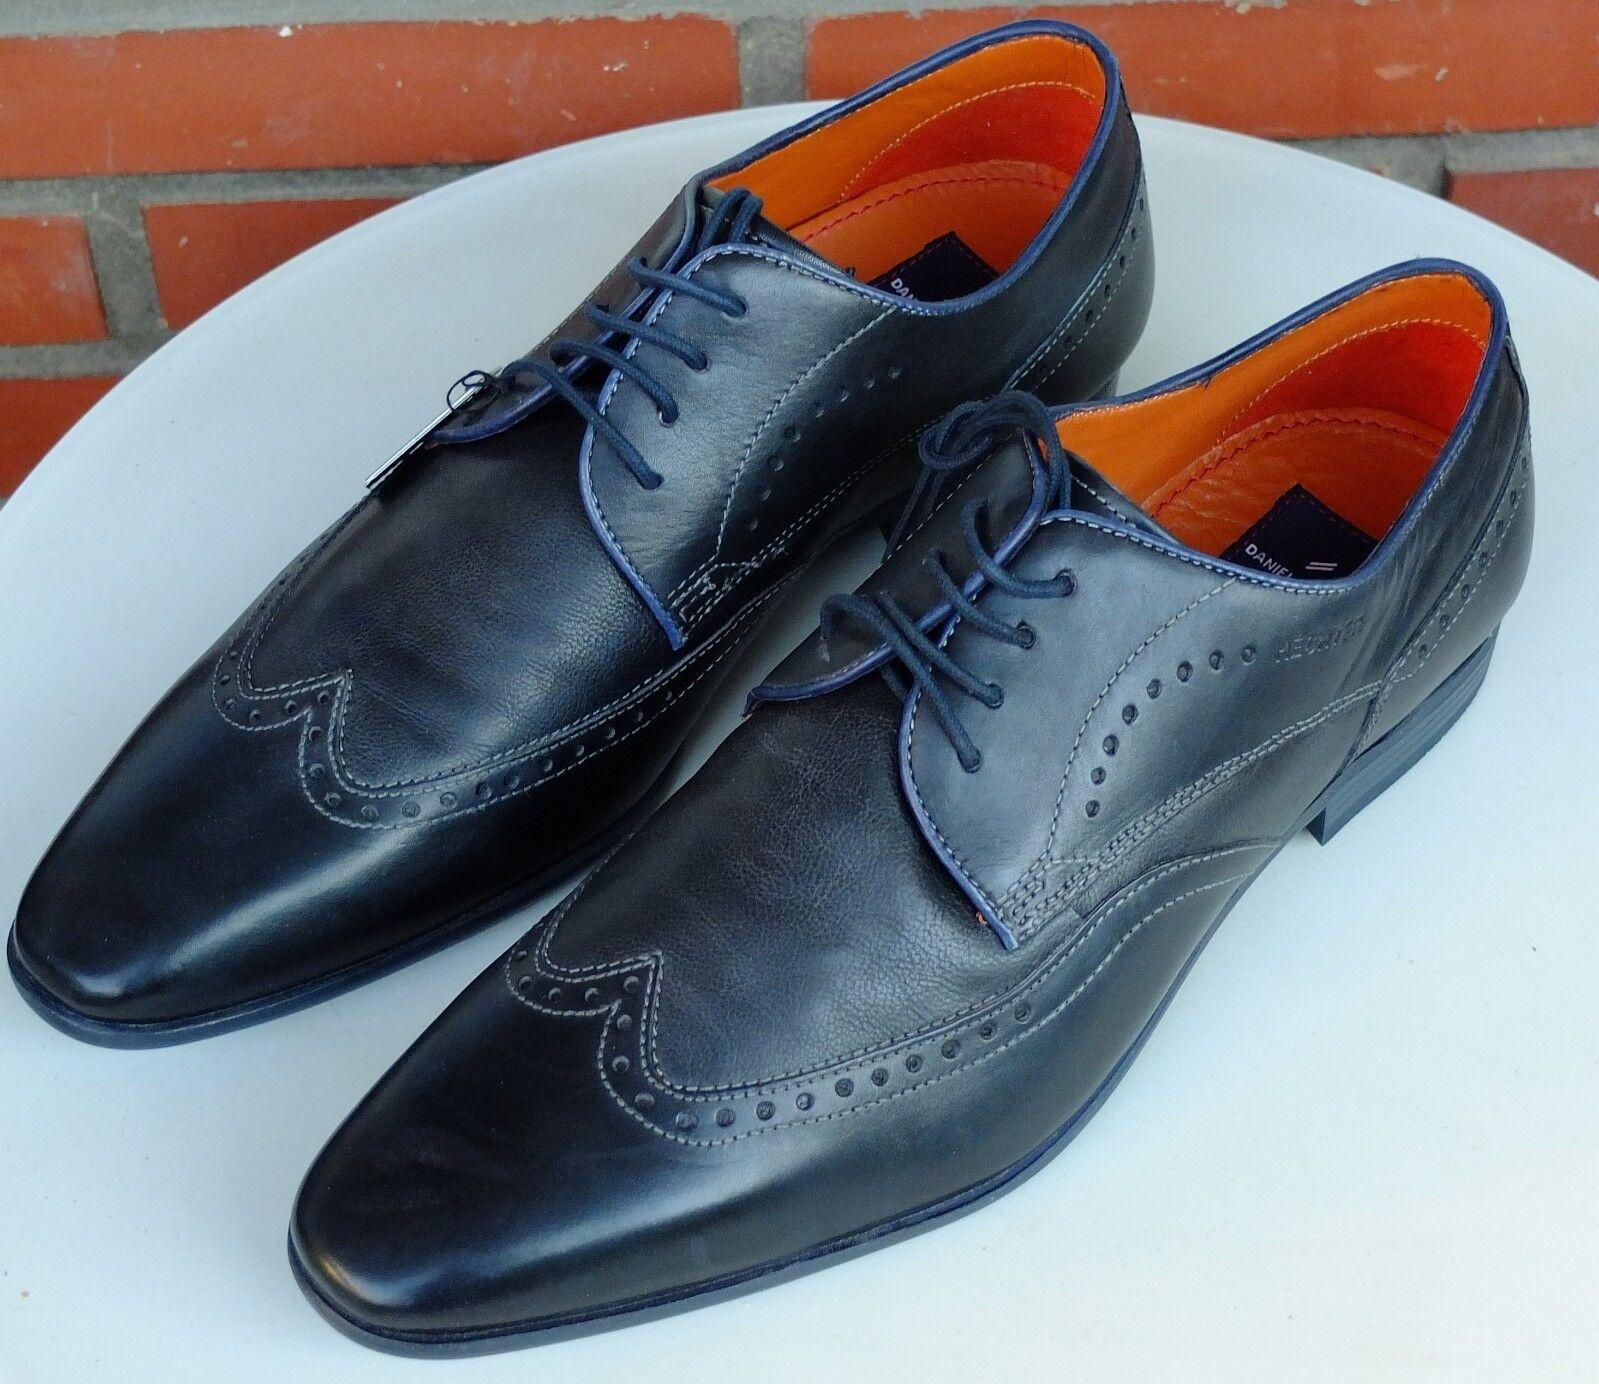 Daniel Hechter Schnürhalbschuhe Schuhe Business-Schuhe Gr 42 Wechselfußbett